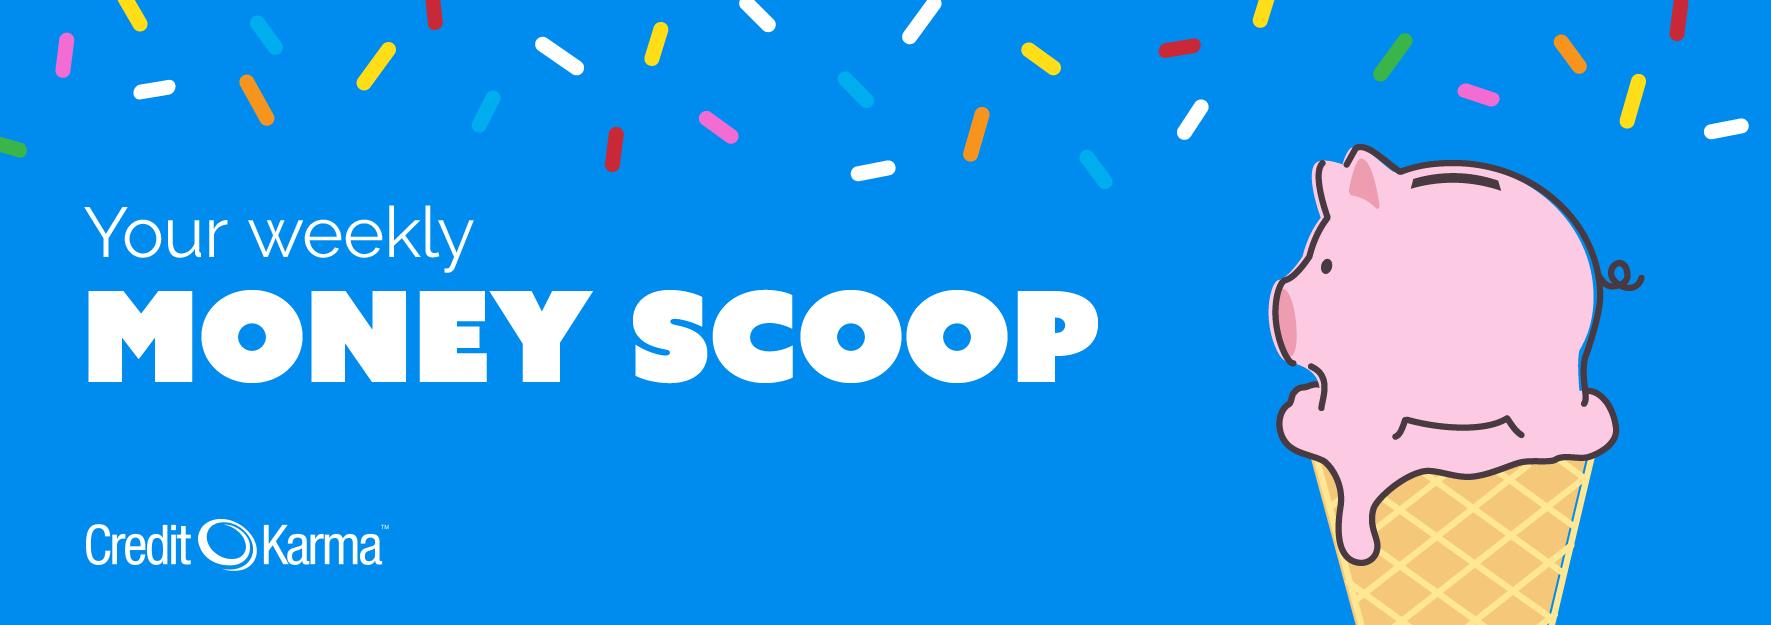 Your weekly money scoop: October 28, 2016